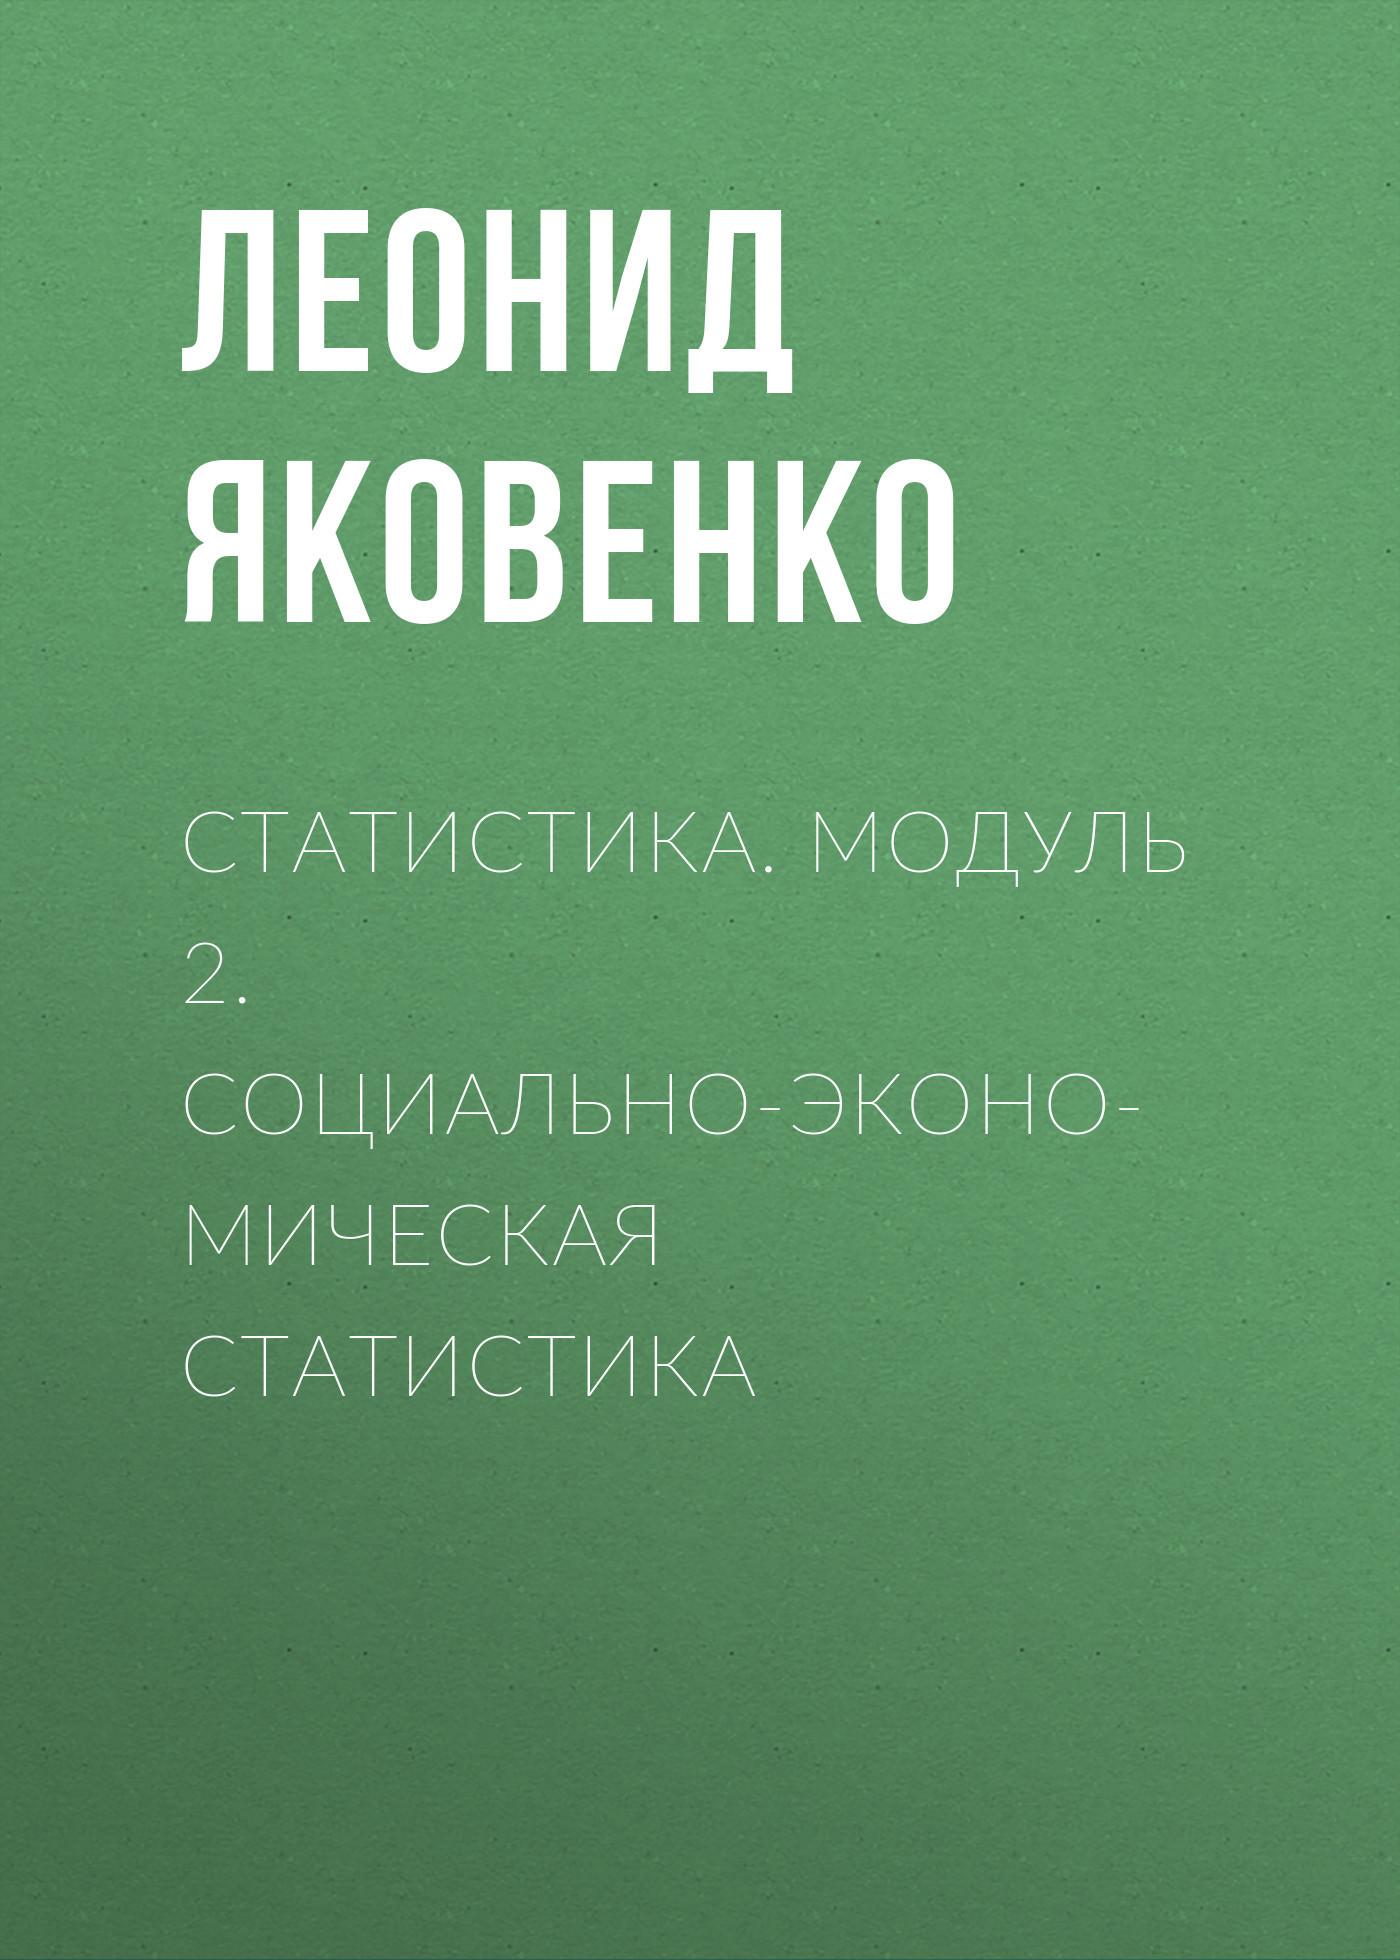 Леонид Яковенко Статистика. Модуль 2. Социально-экономическая статистика хэнд д статистика очень краткое введение